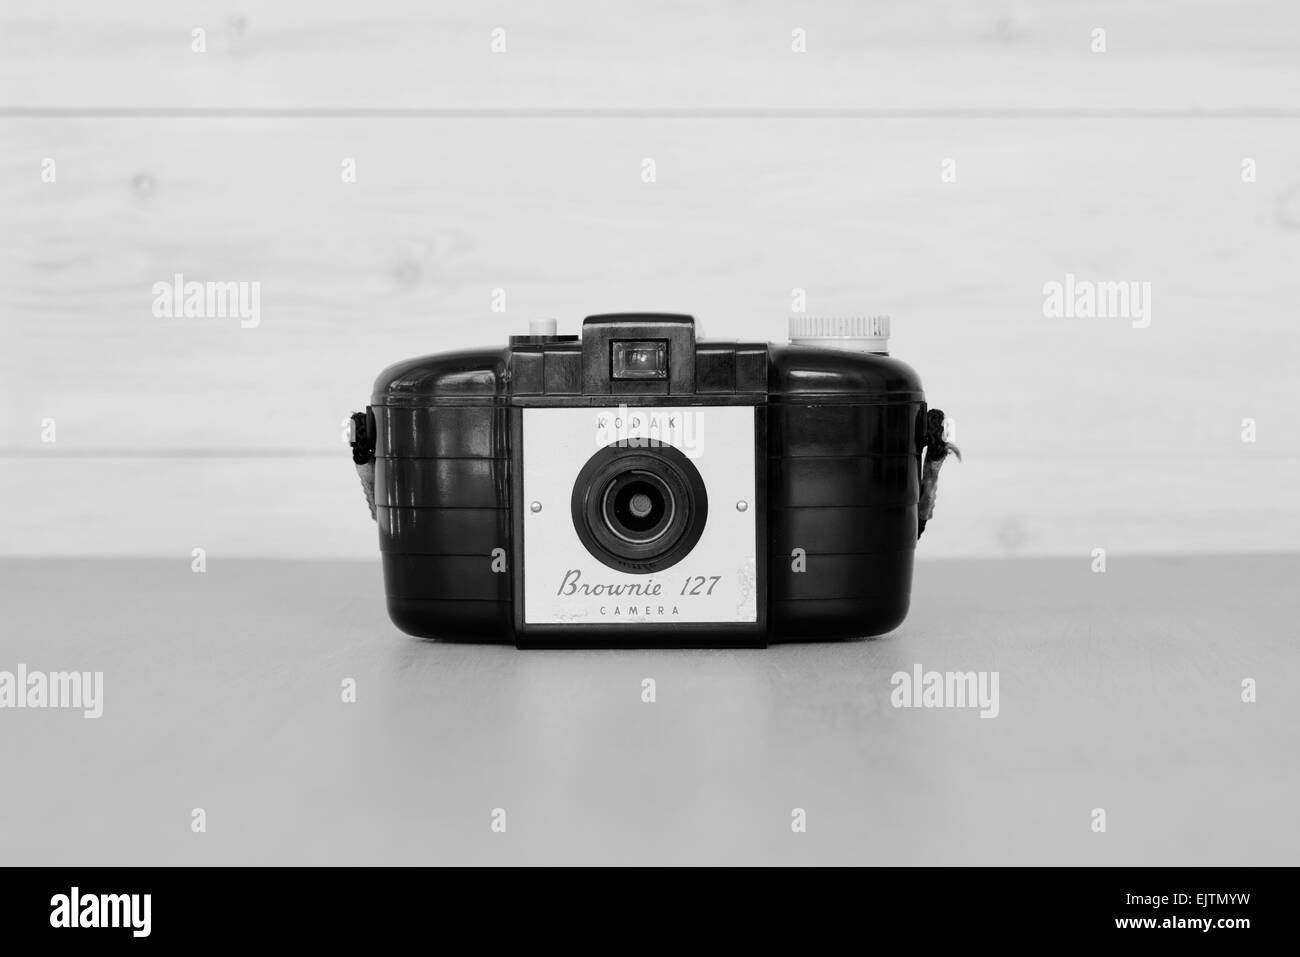 Vintage Brownie 127 film camera. - Stock Image